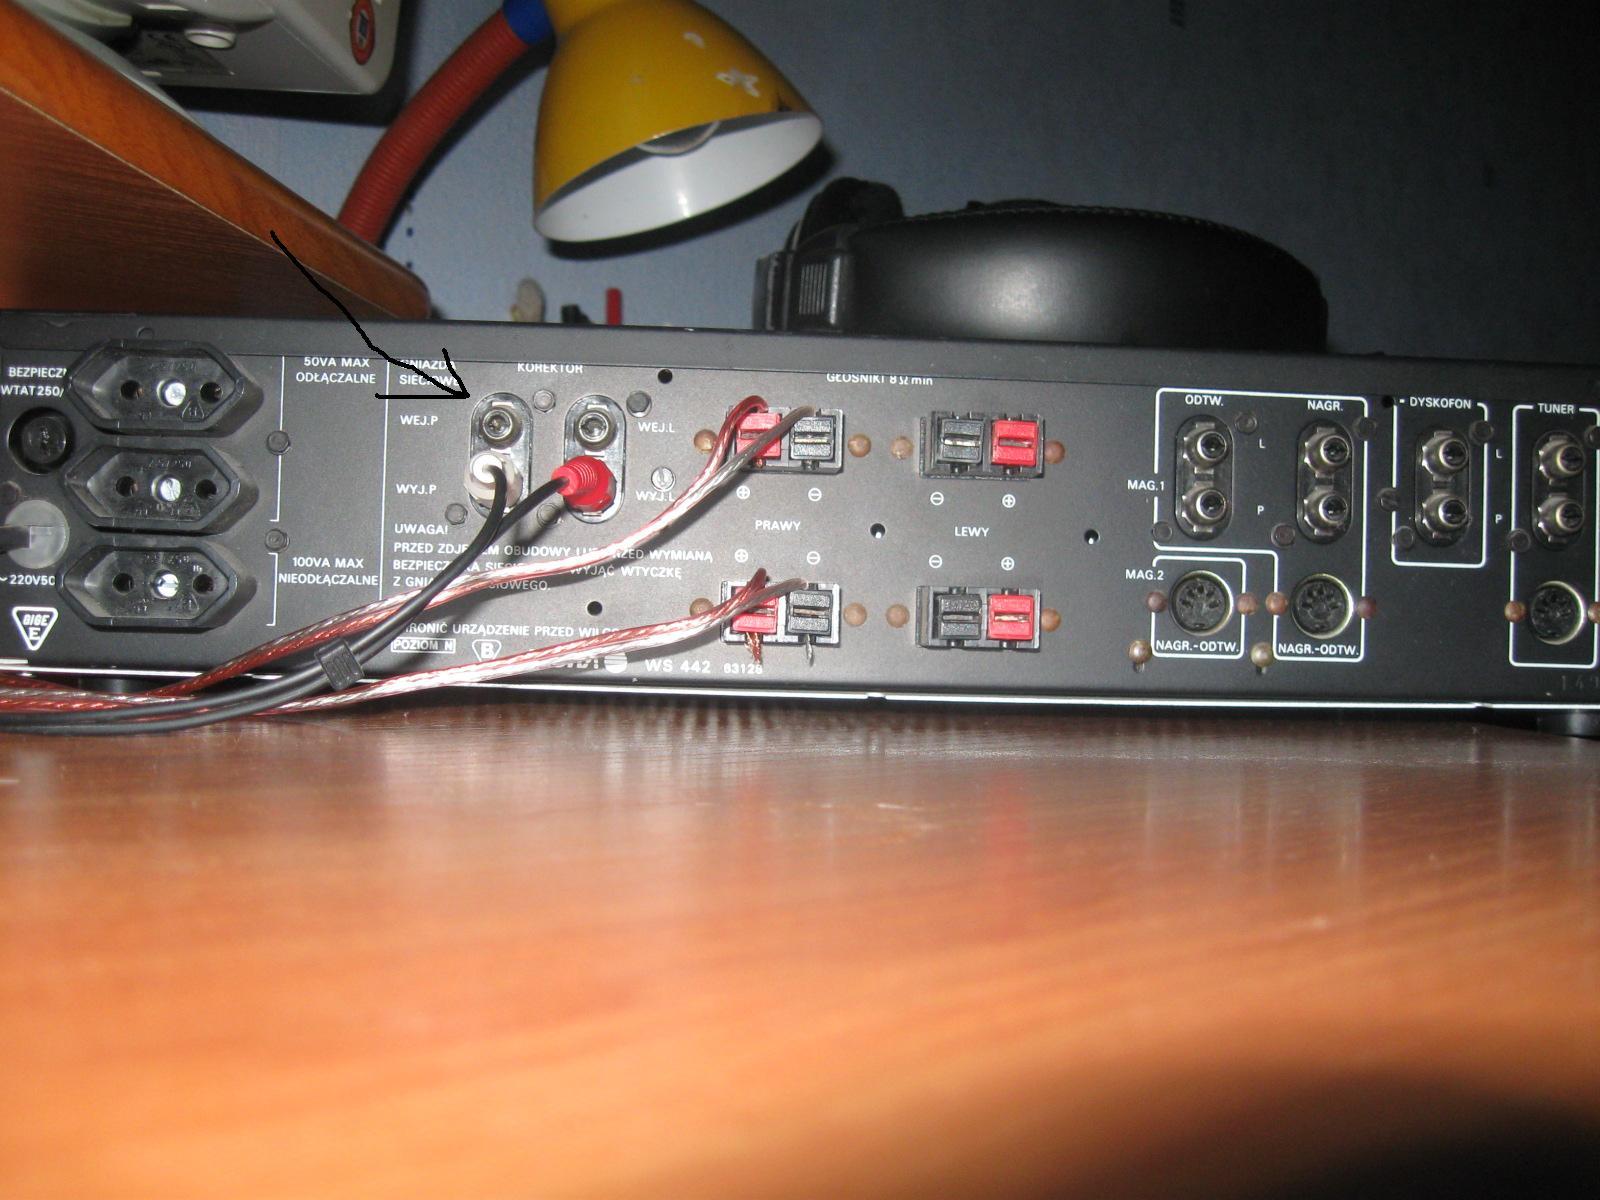 Diora WS-442/Toshiba SB-M12 - Pod��czenie komputera do diory i po��czenie wmacni